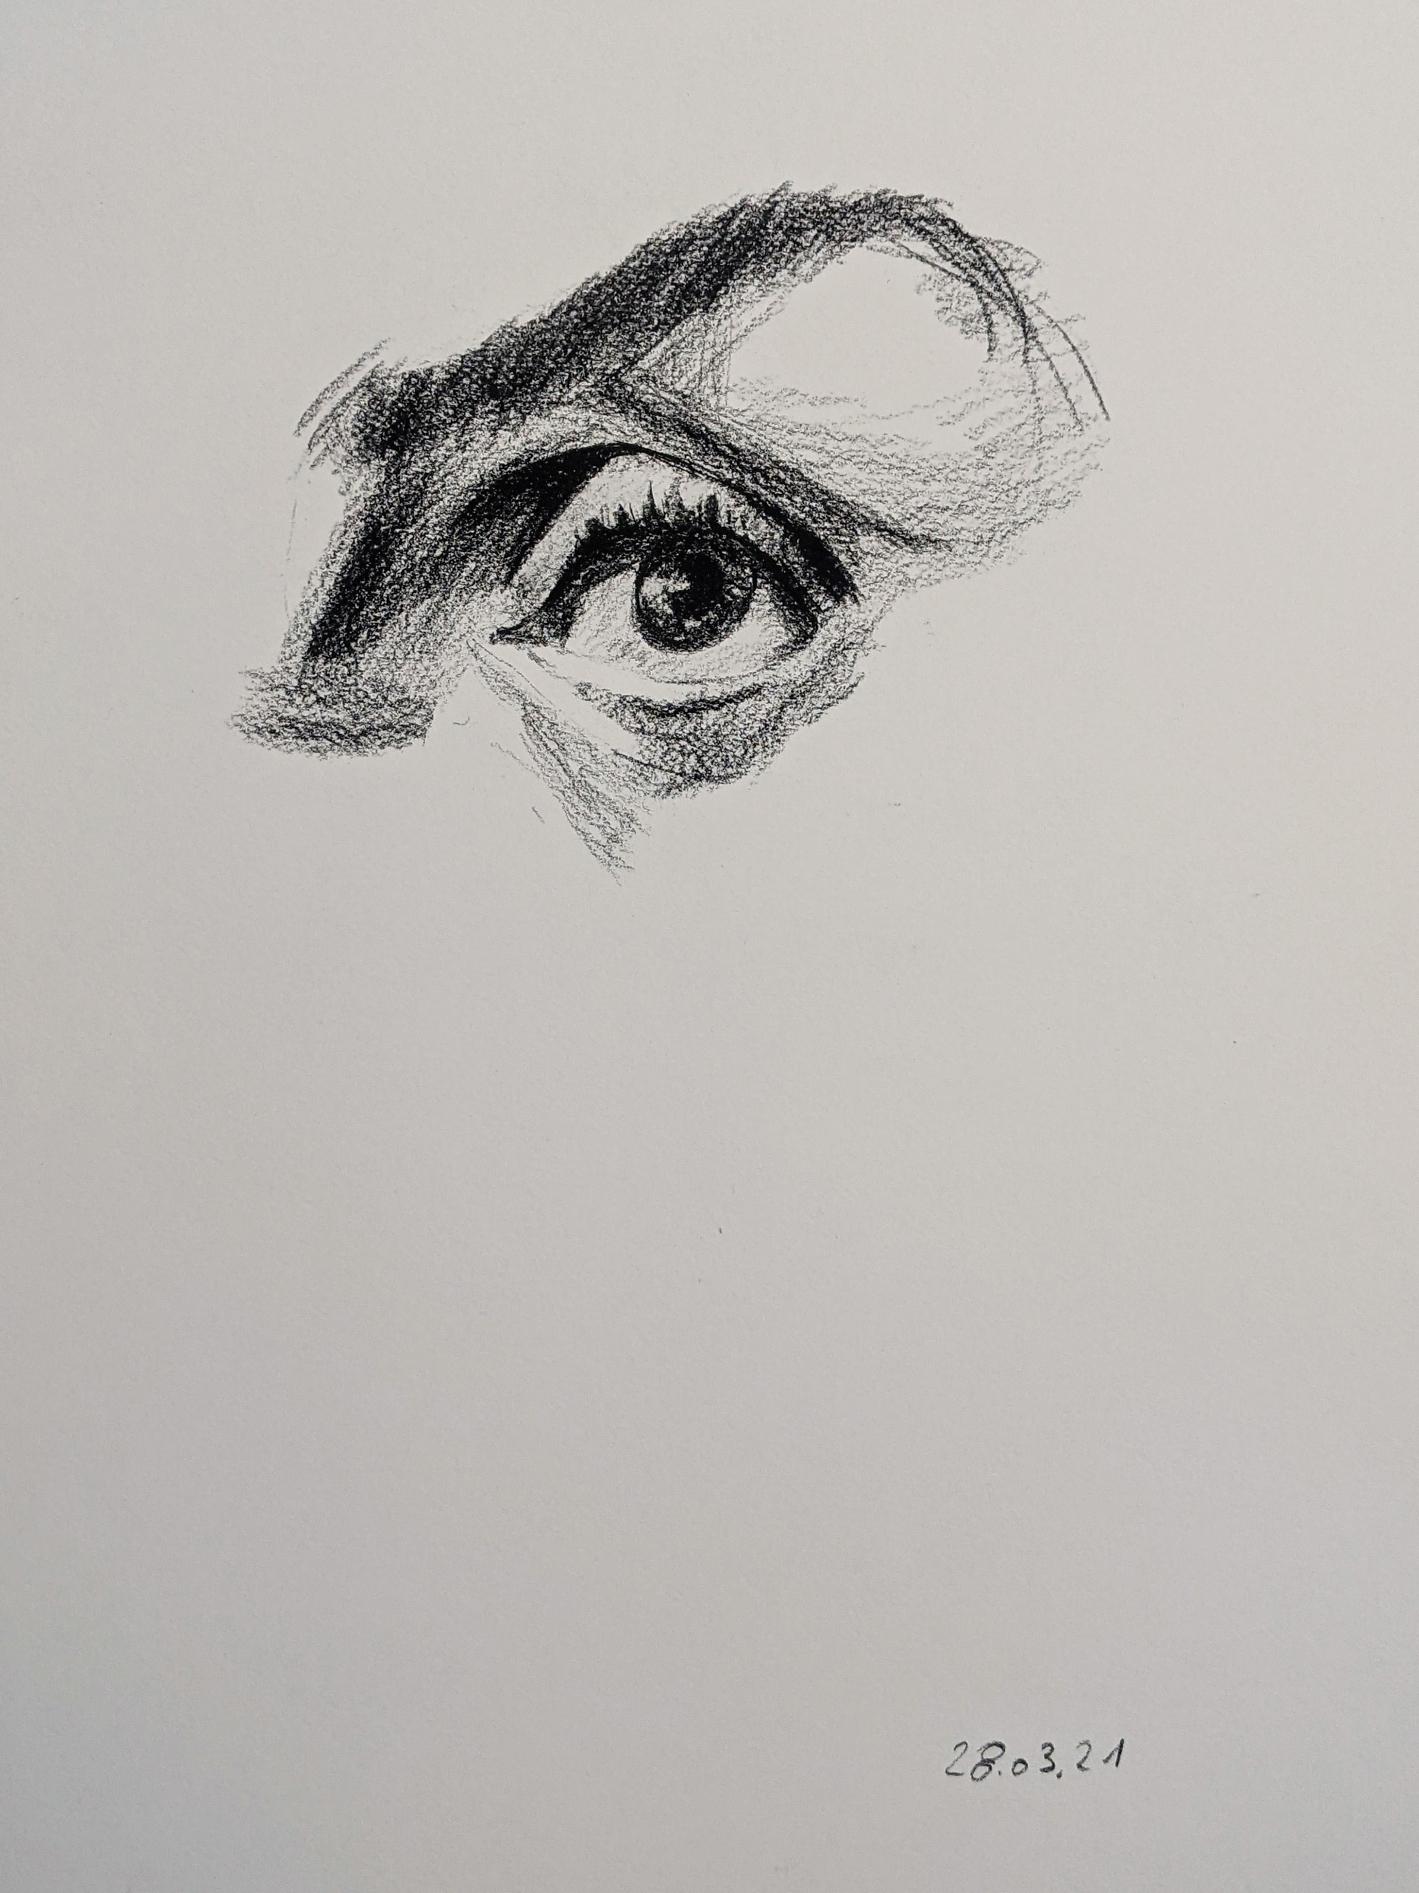 Merkmale des Kopfes, das Auge